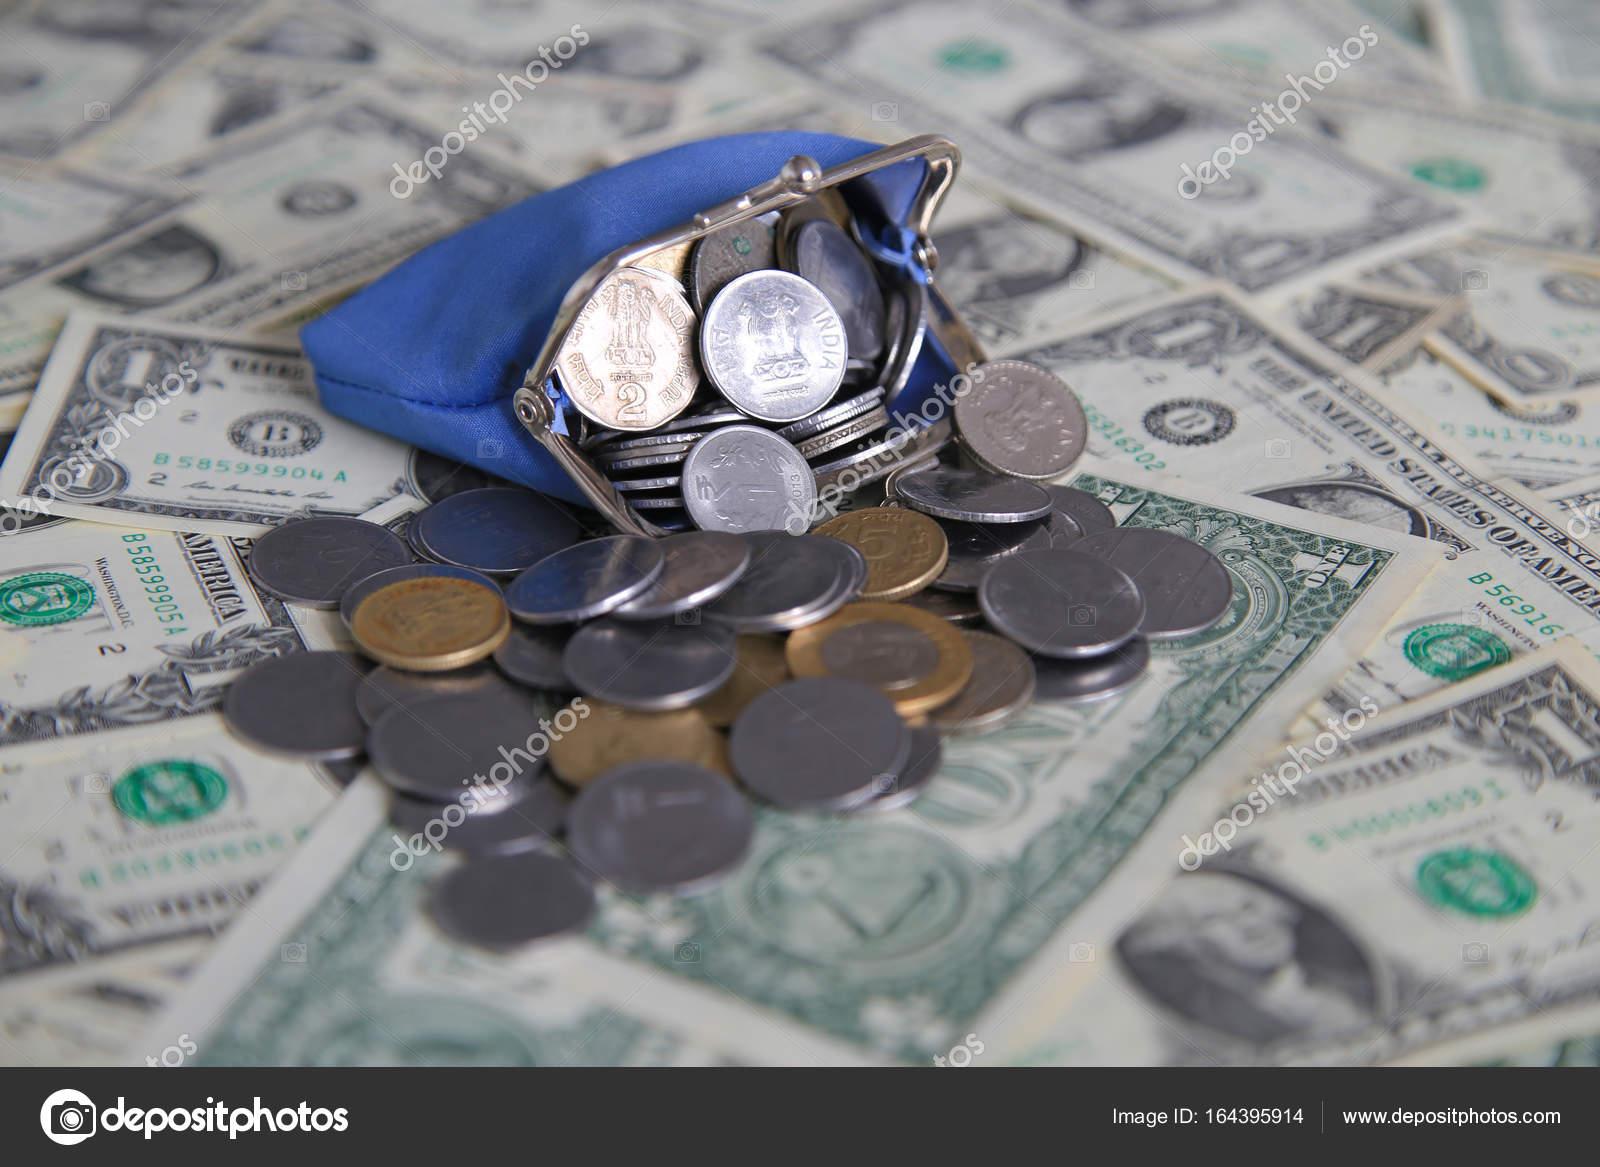 1 Us Dollar Papiergeld Geldbörse Münzen Geld Indische Rupien